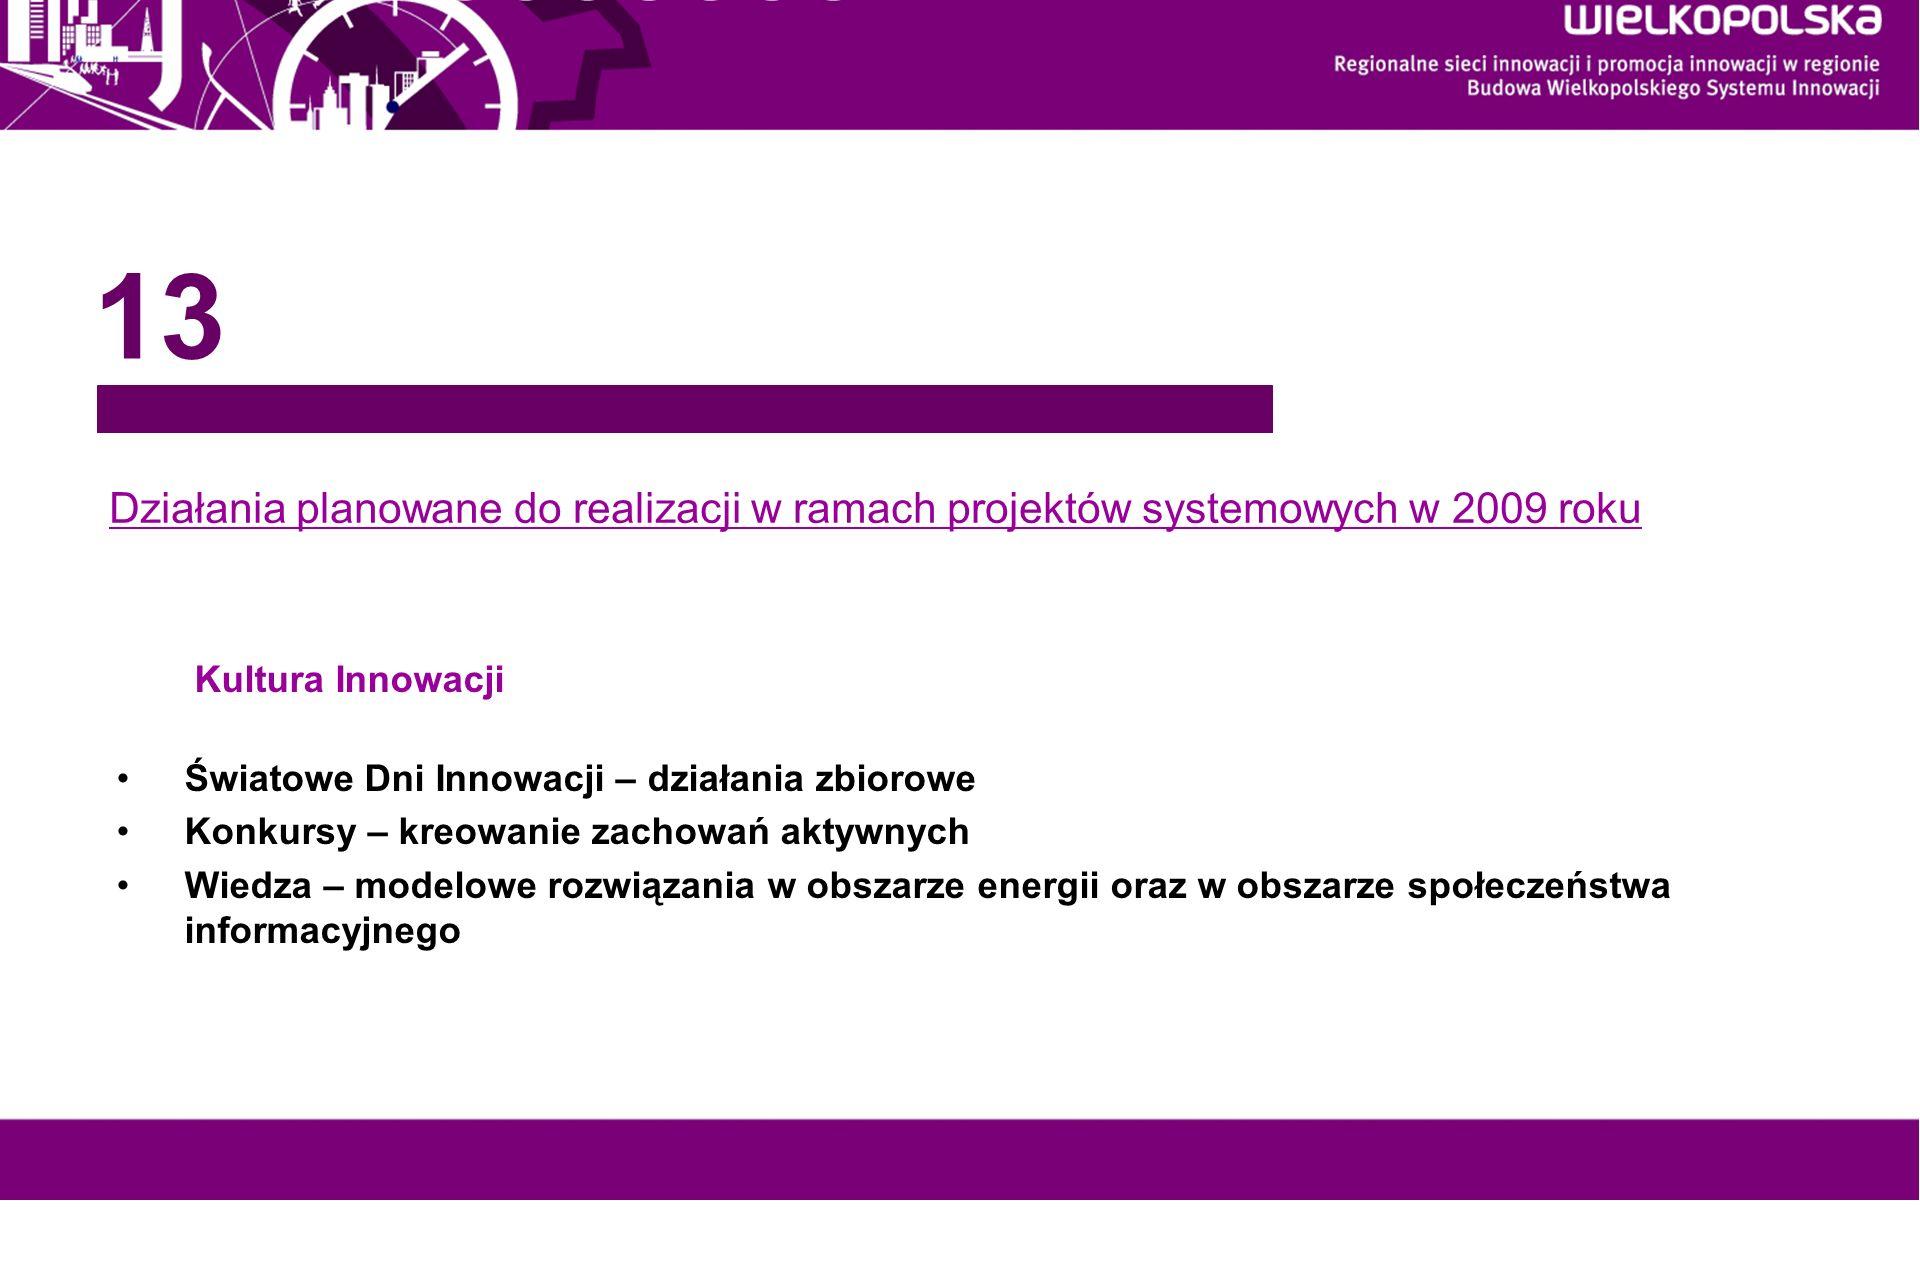 13 Działania planowane do realizacji w ramach projektów systemowych w 2009 roku. Kultura Innowacji.